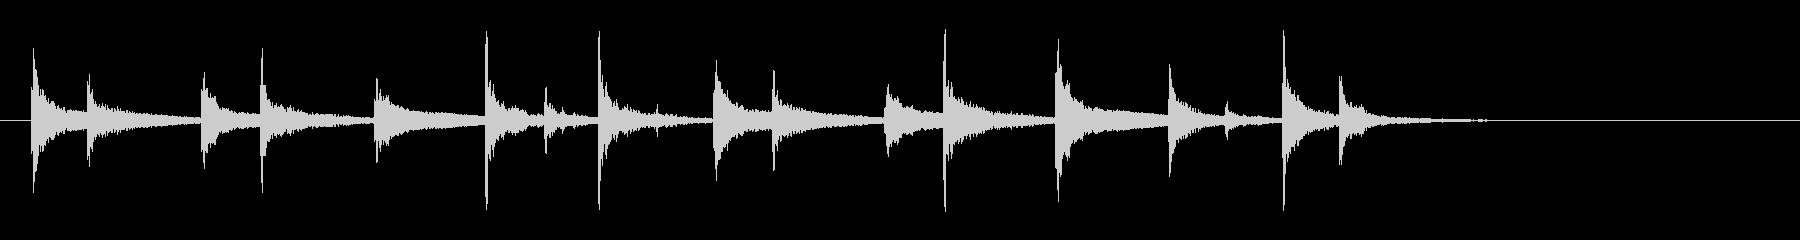 羽根アフリカ太鼓ジャンベフレーズ音+FXの未再生の波形